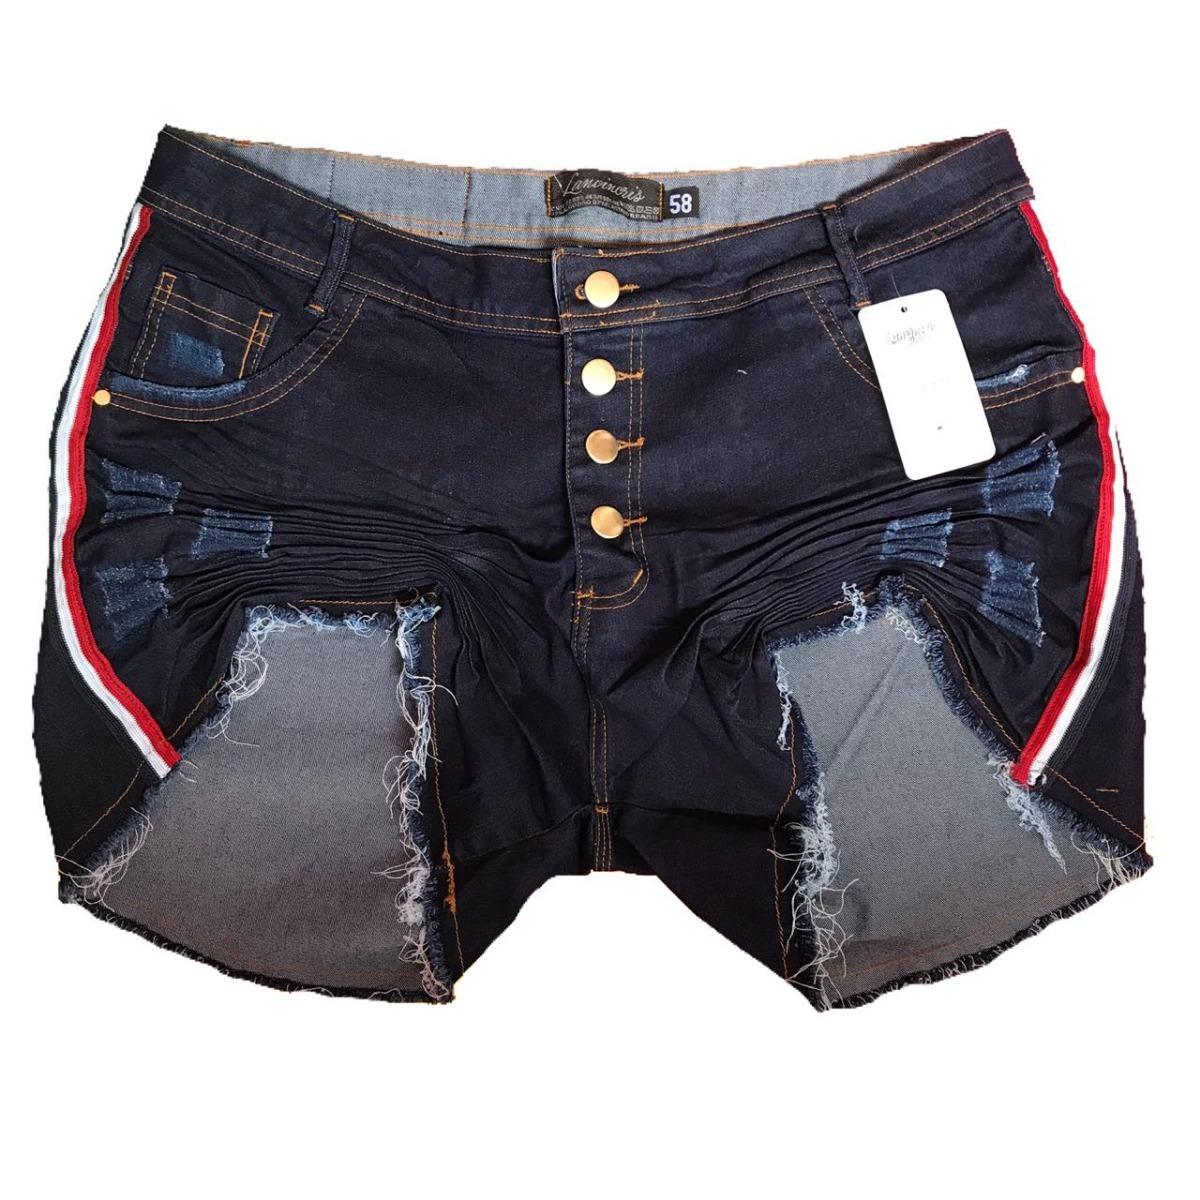 4fa821b31a10 roupas feminina short jeans plus size com listras laterais. Carregando zoom.